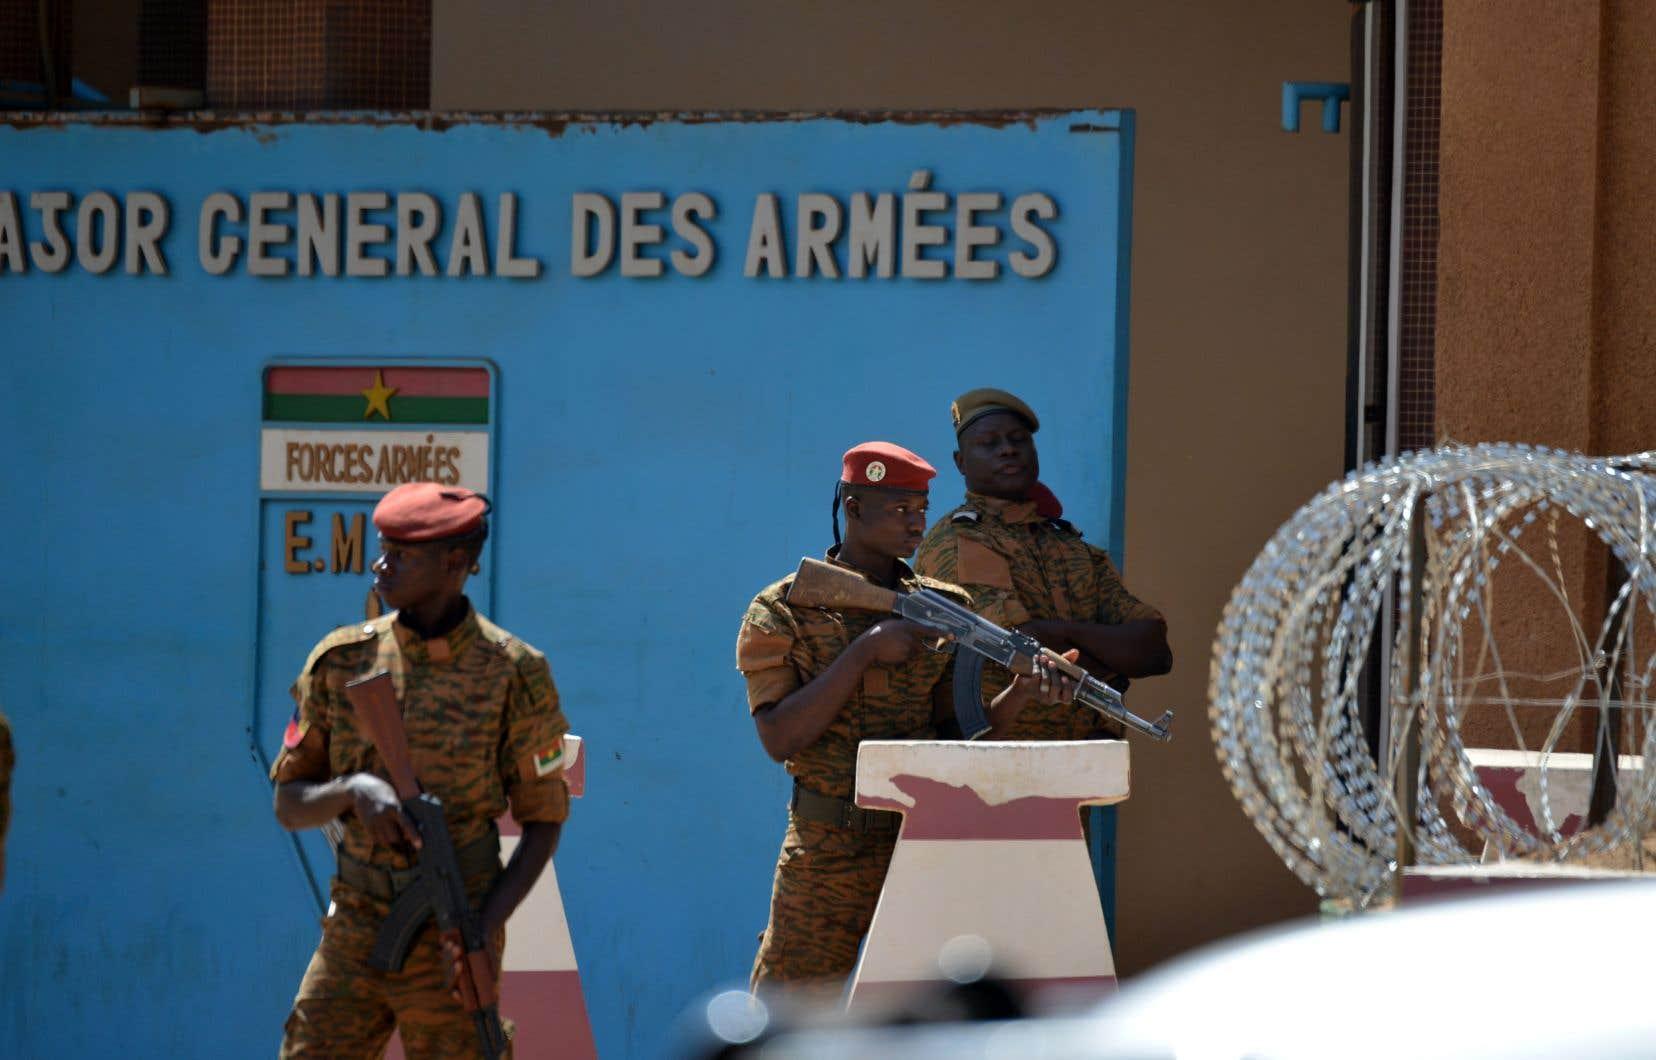 Des soldats patrouillent dans les rues de Ouagadougou, le 3 mars dernier, après que des dizaines de personnes eurent été tuées lors d'attaques commises contre l'ambassade de France et contre l'armée du pays.